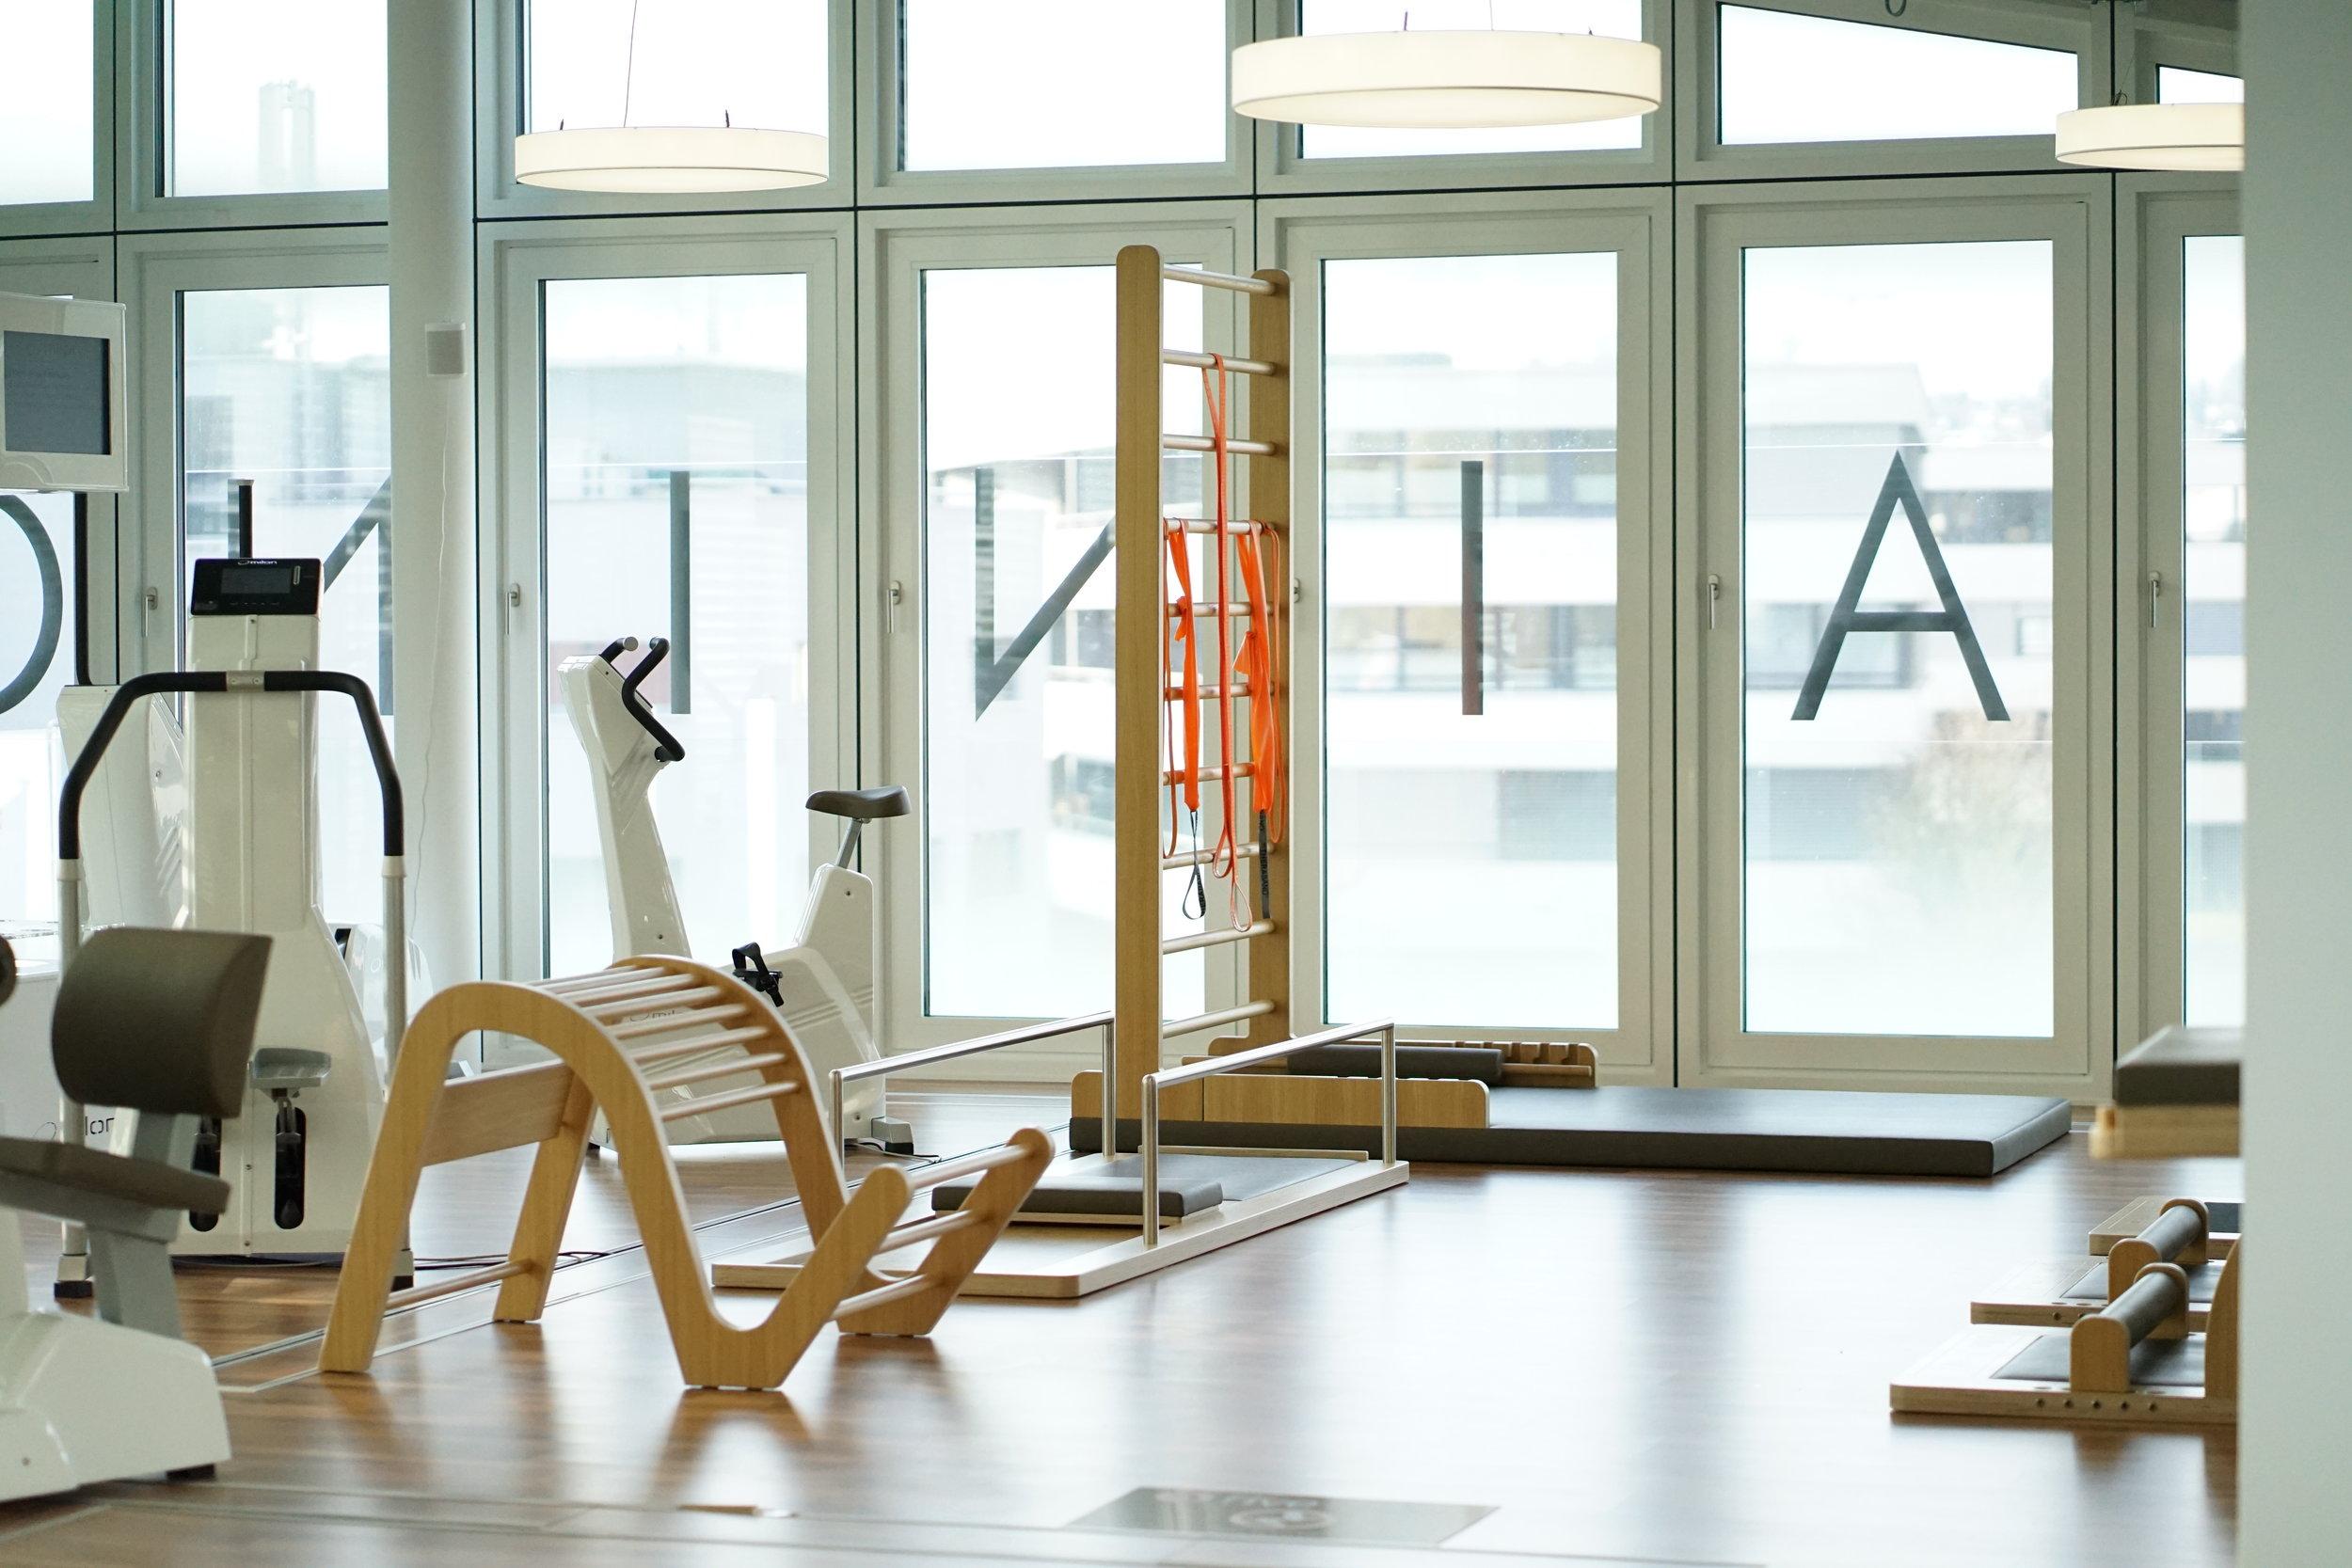 Gesundheitszentrum_Fitness_Arlesheim_1